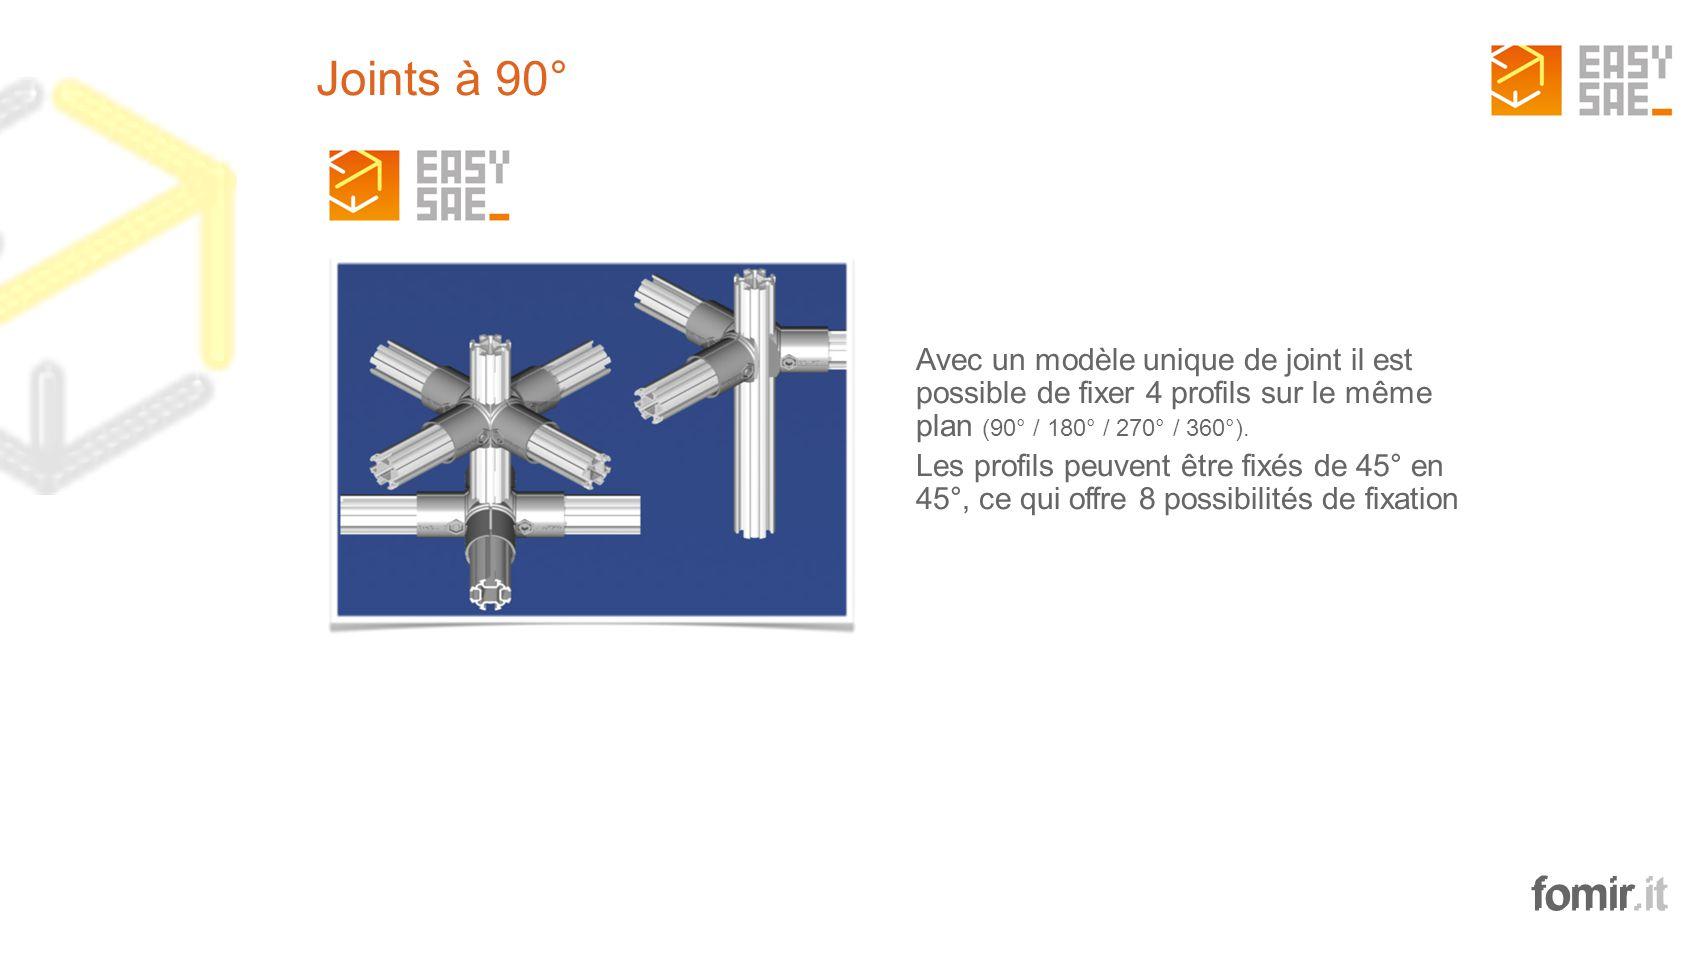 fomir.it Avec un modèle unique de joint il est possible de fixer 4 profils sur le même plan (90° / 180° / 270° / 360°). Les profils peuvent être fixés